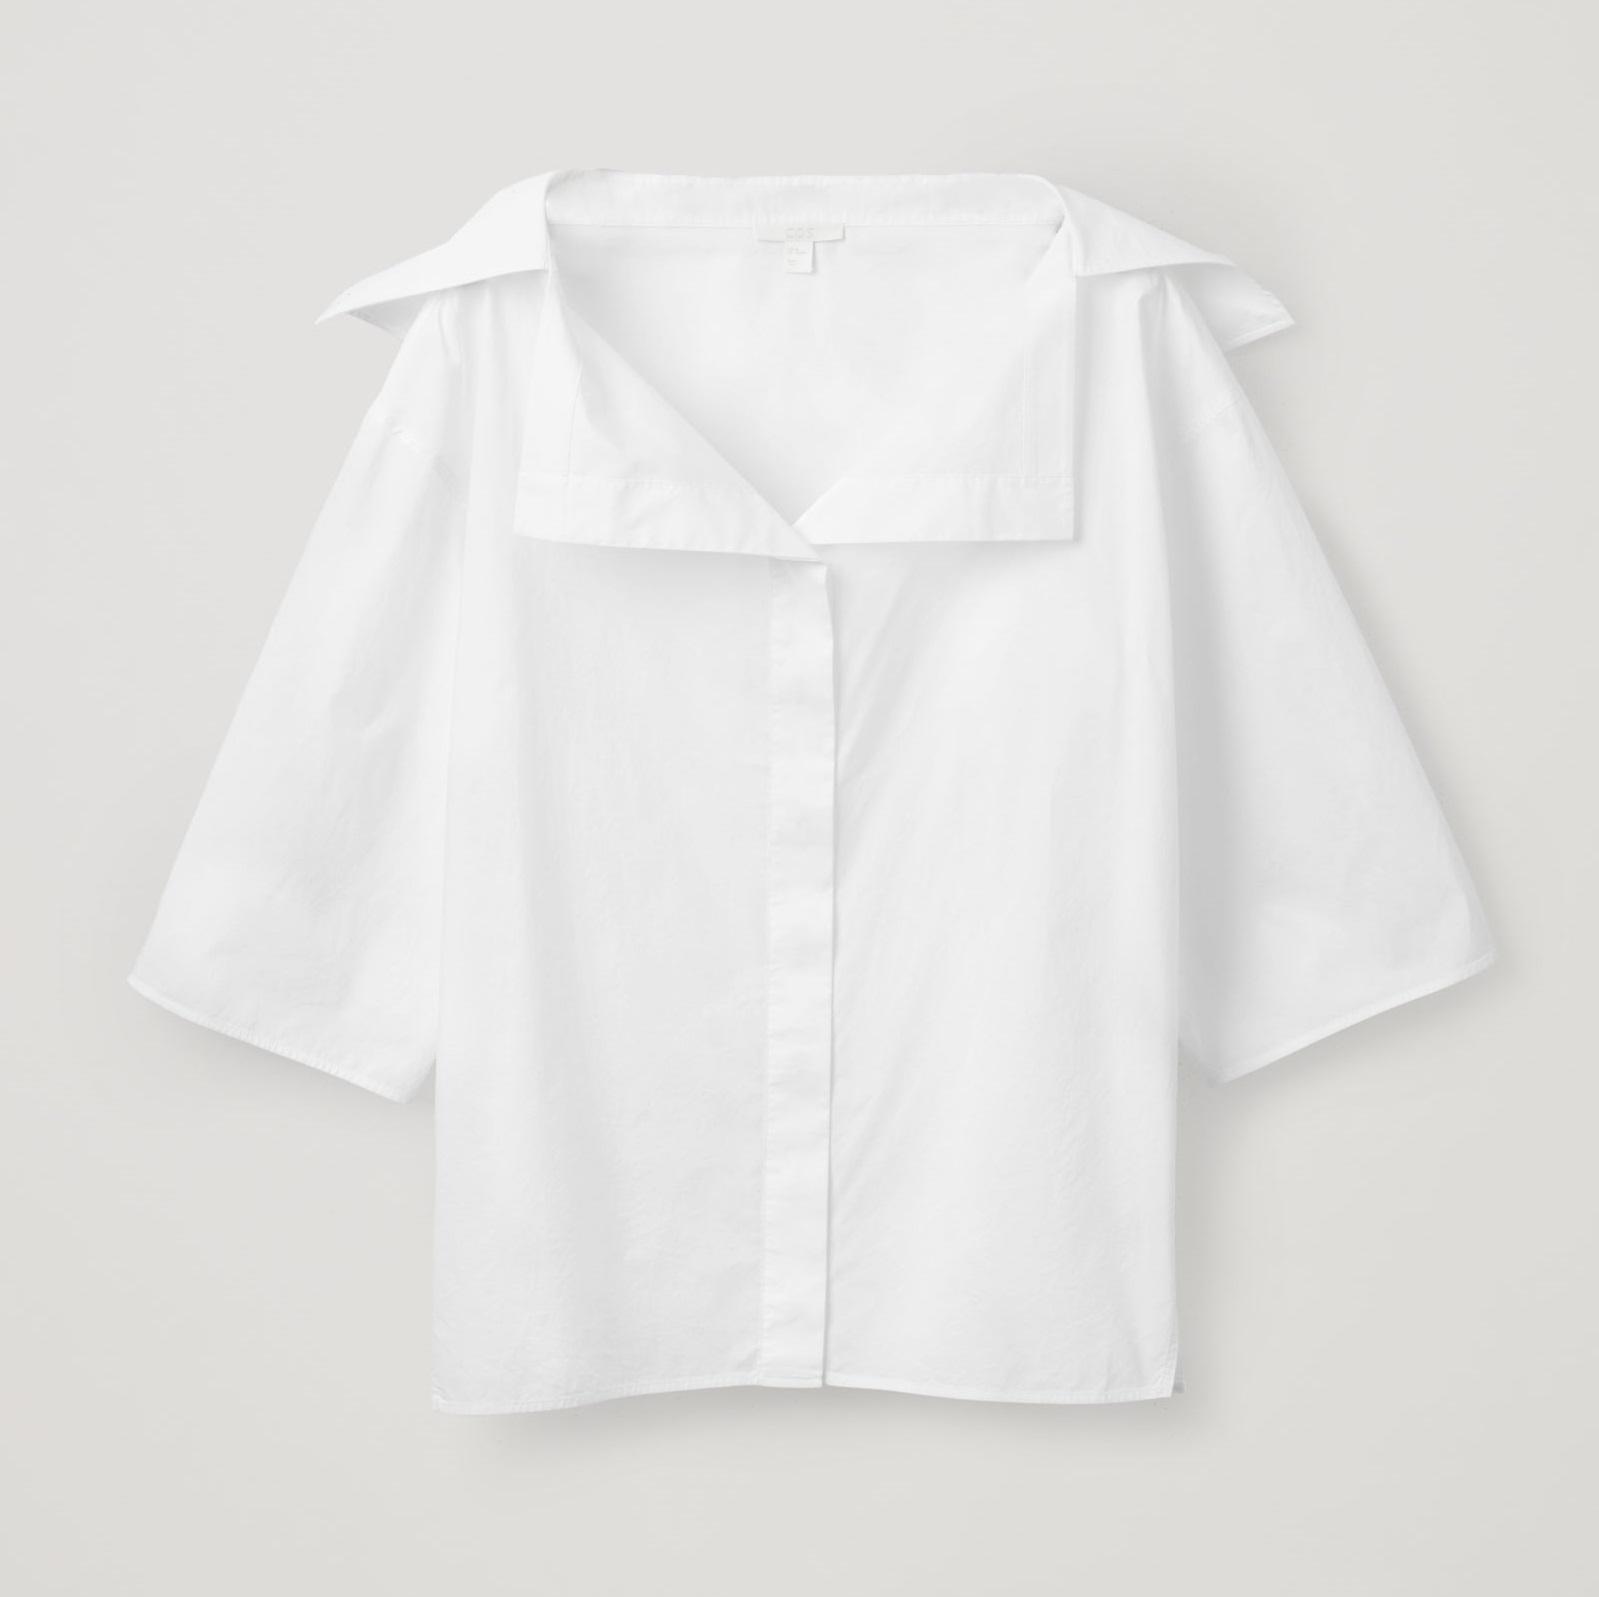 COS(コス) ホワイトシャツ